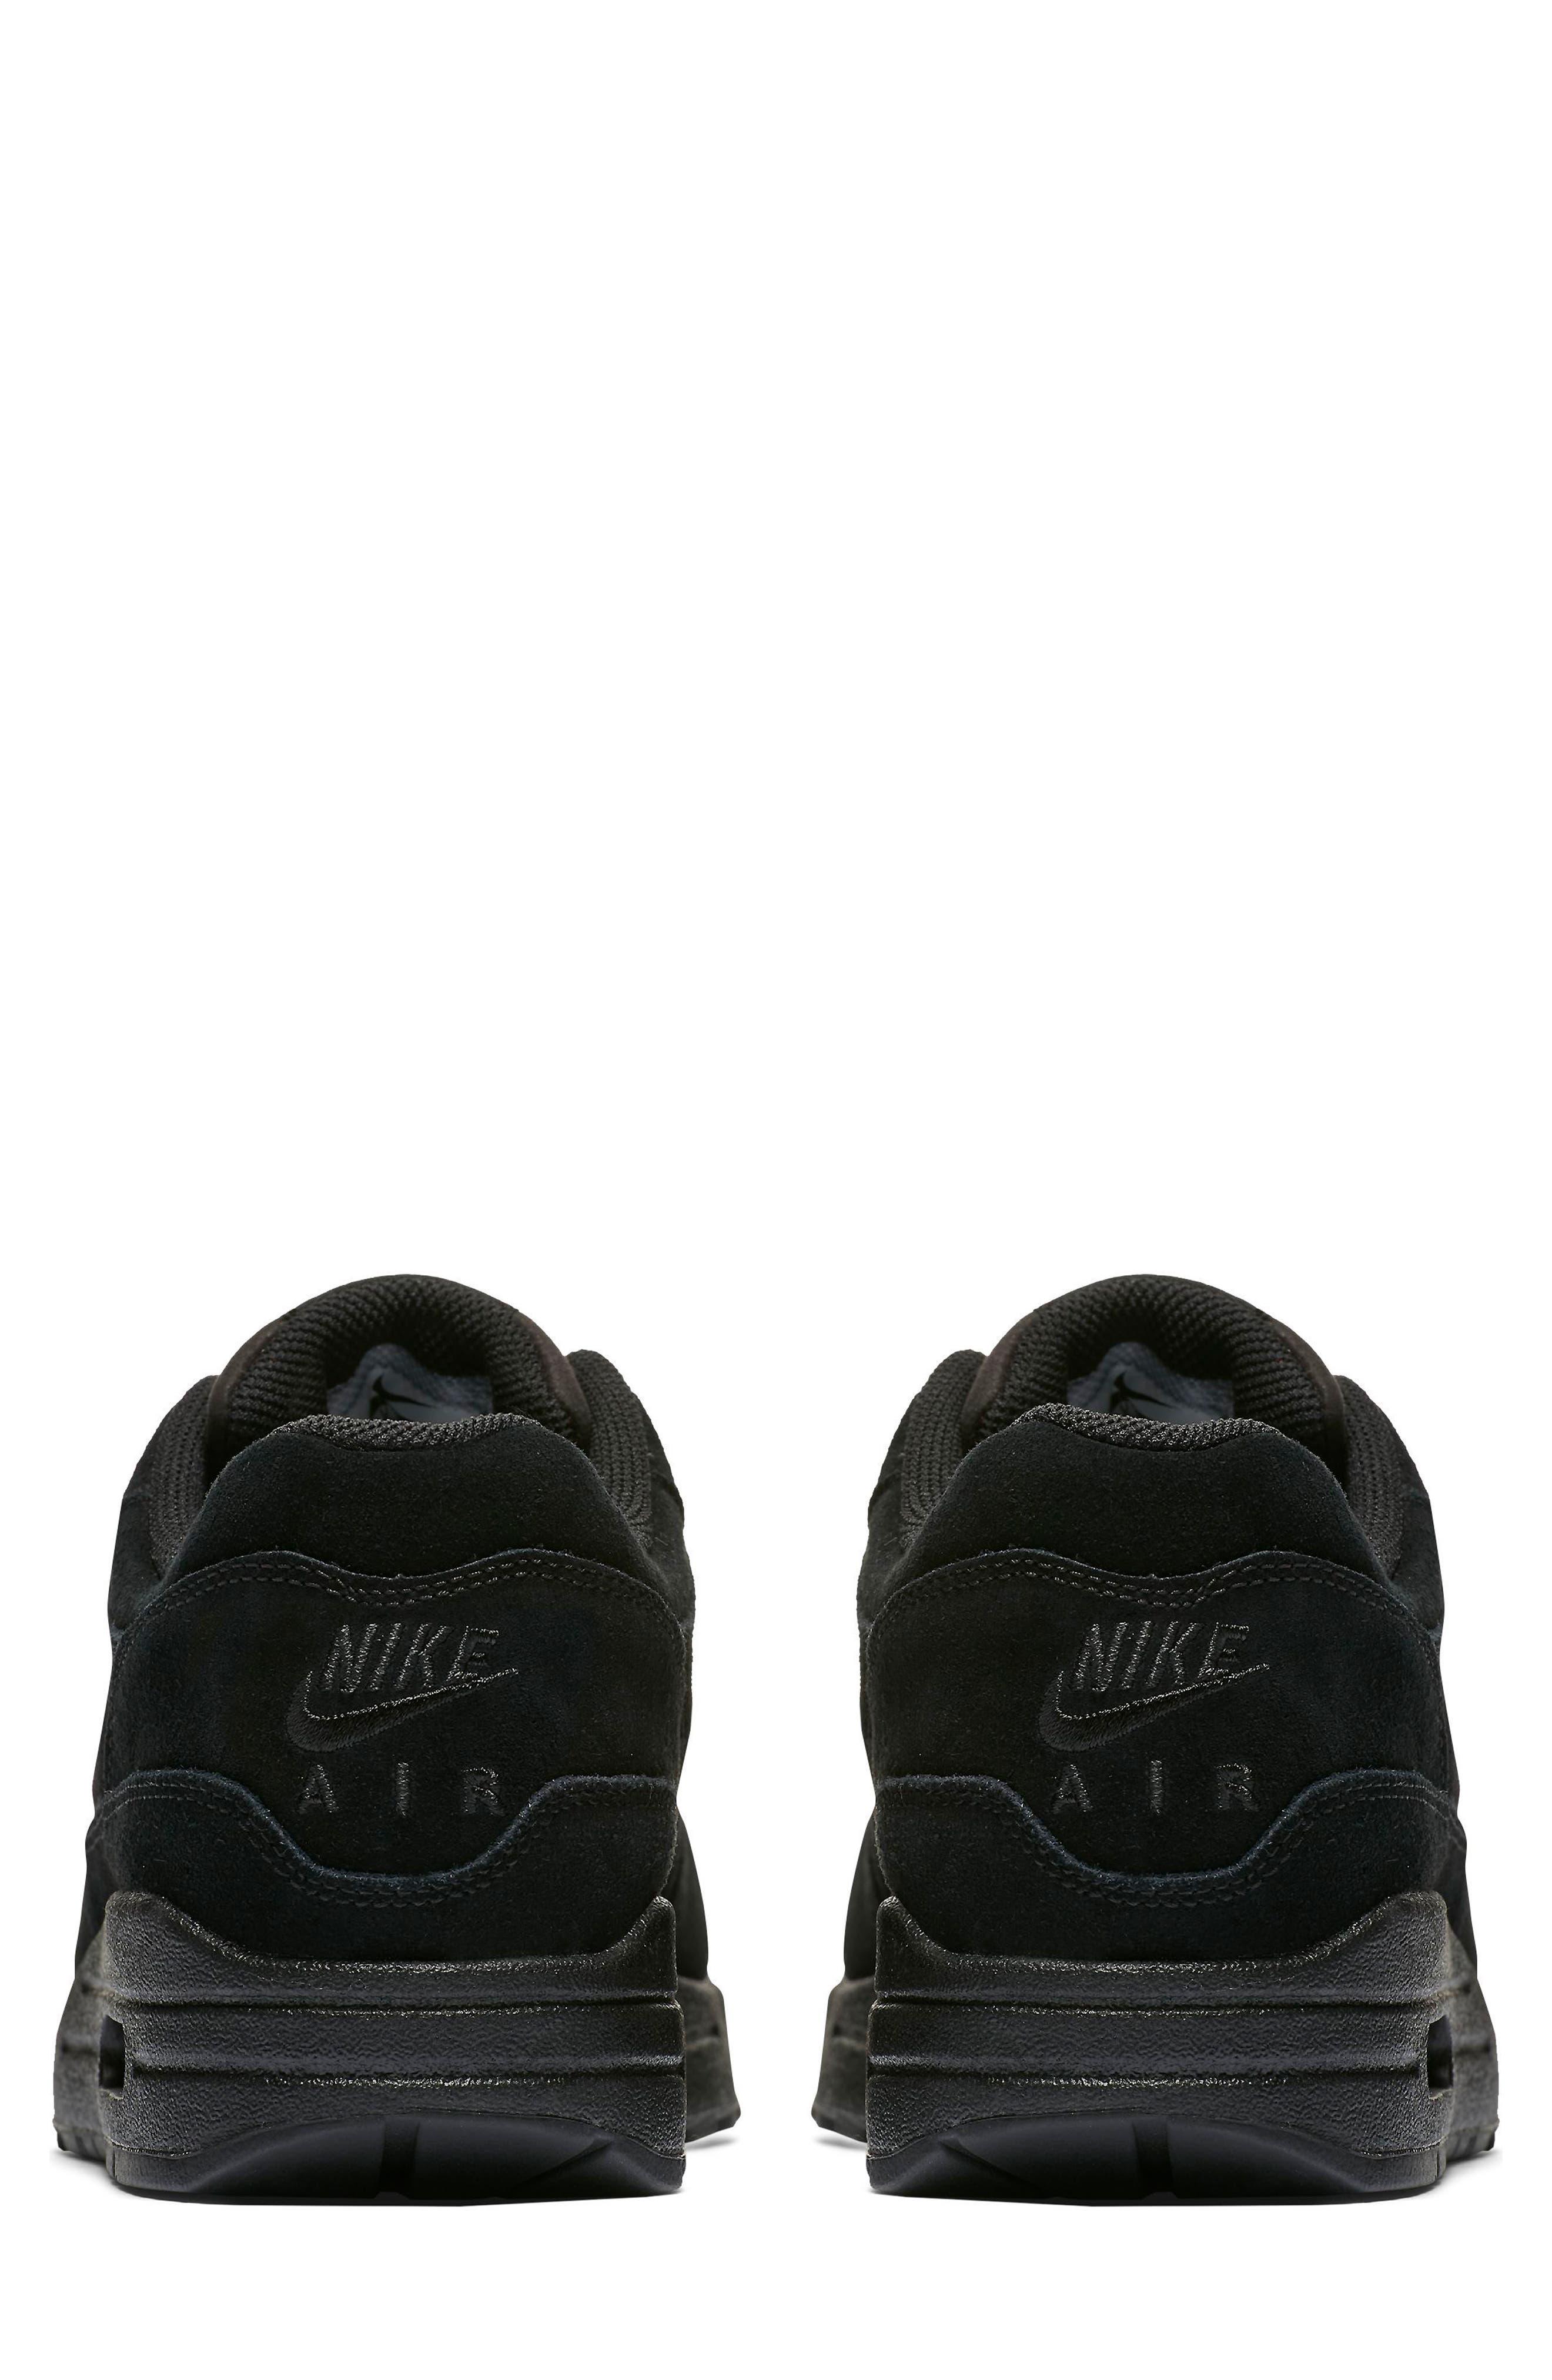 Air Max 1 Premium SC Sneaker,                             Alternate thumbnail 2, color,                             001